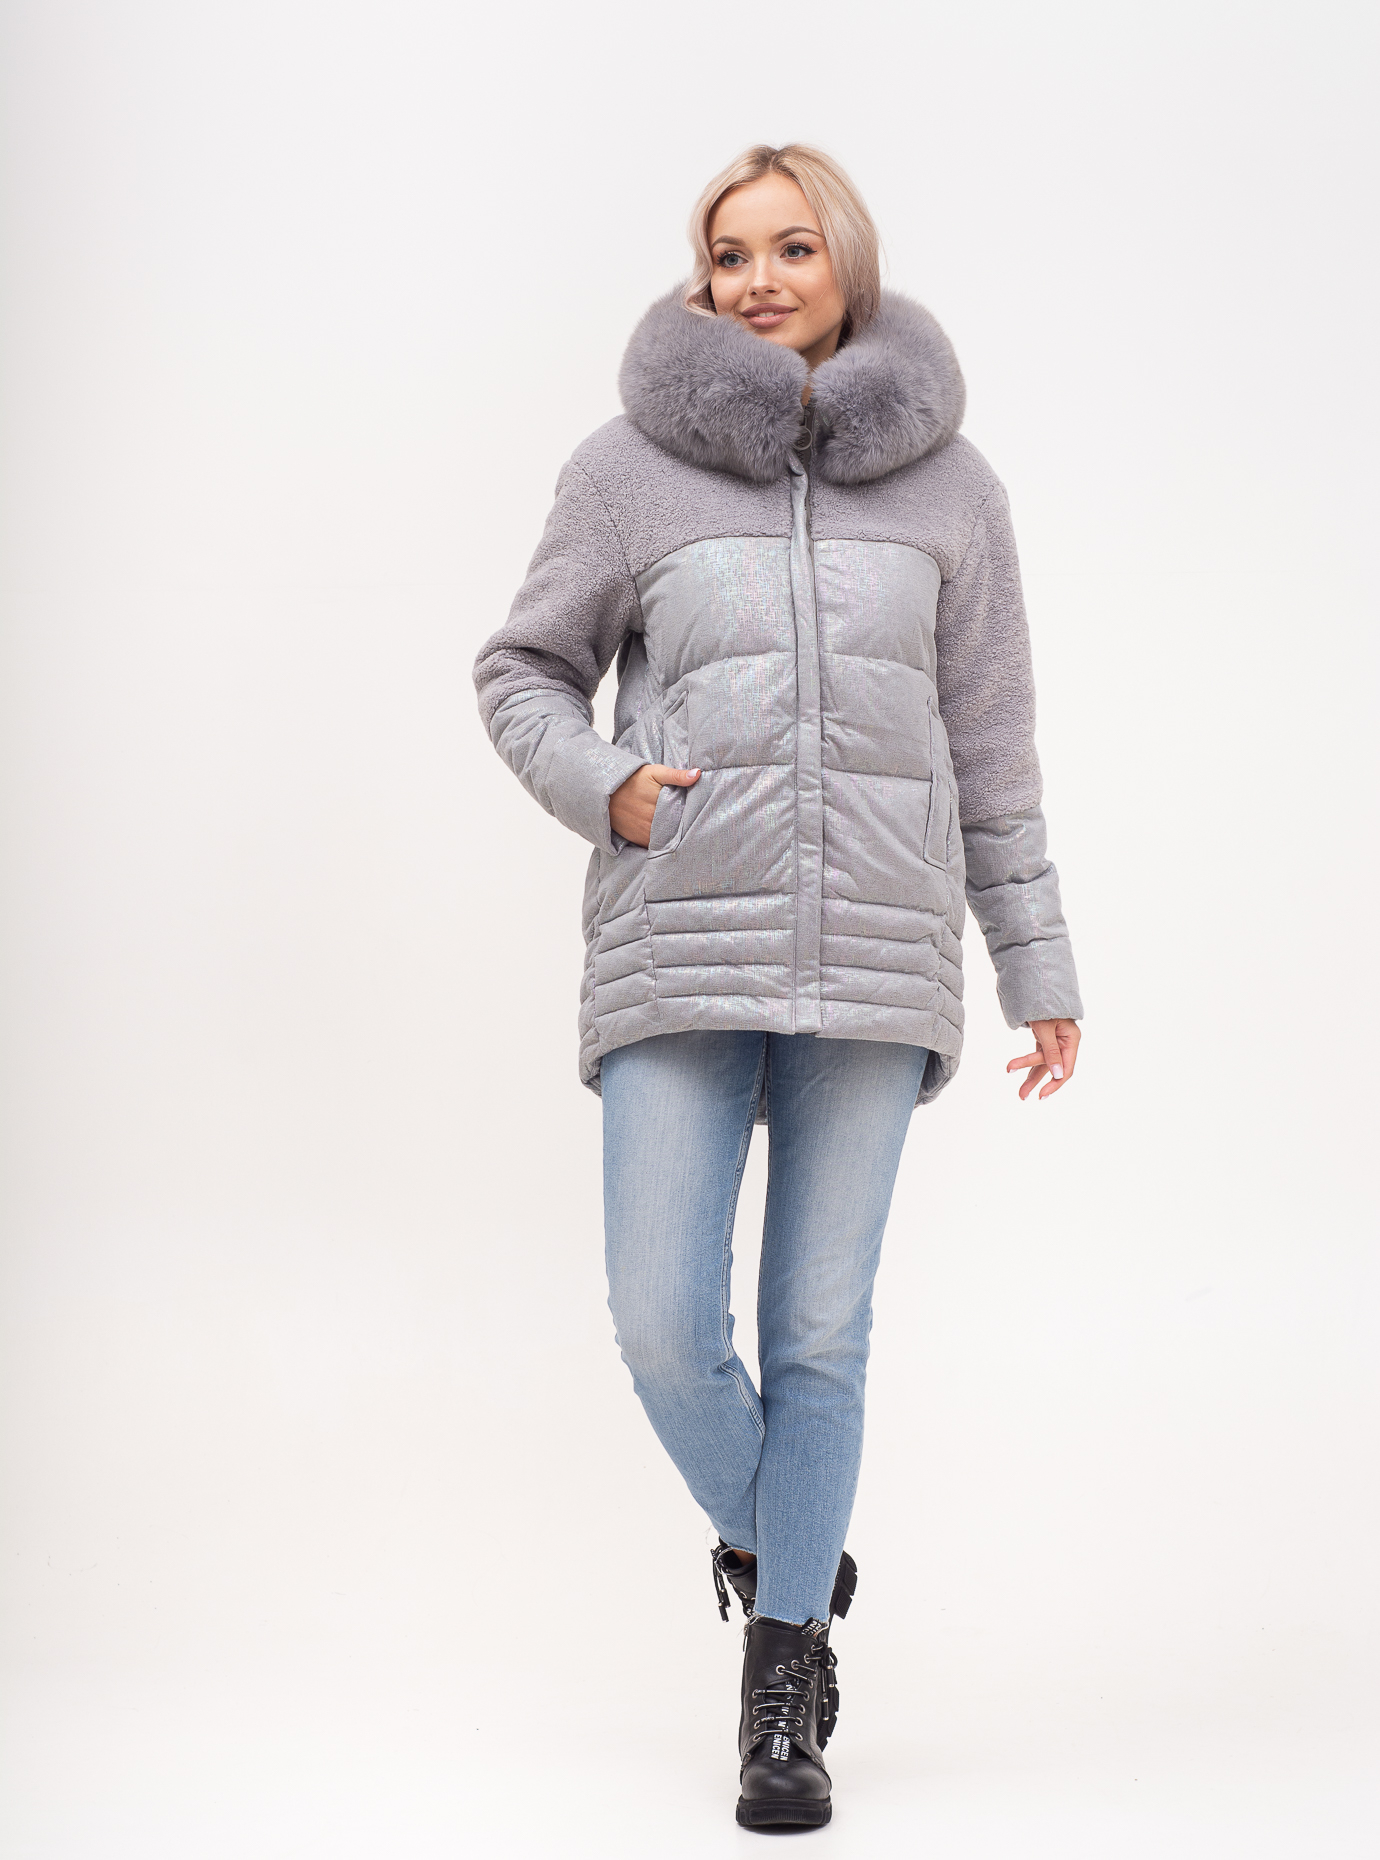 Куртка зимняя с капюшоном и мехом песца Серый S (02-N200689): фото - Alster.ua